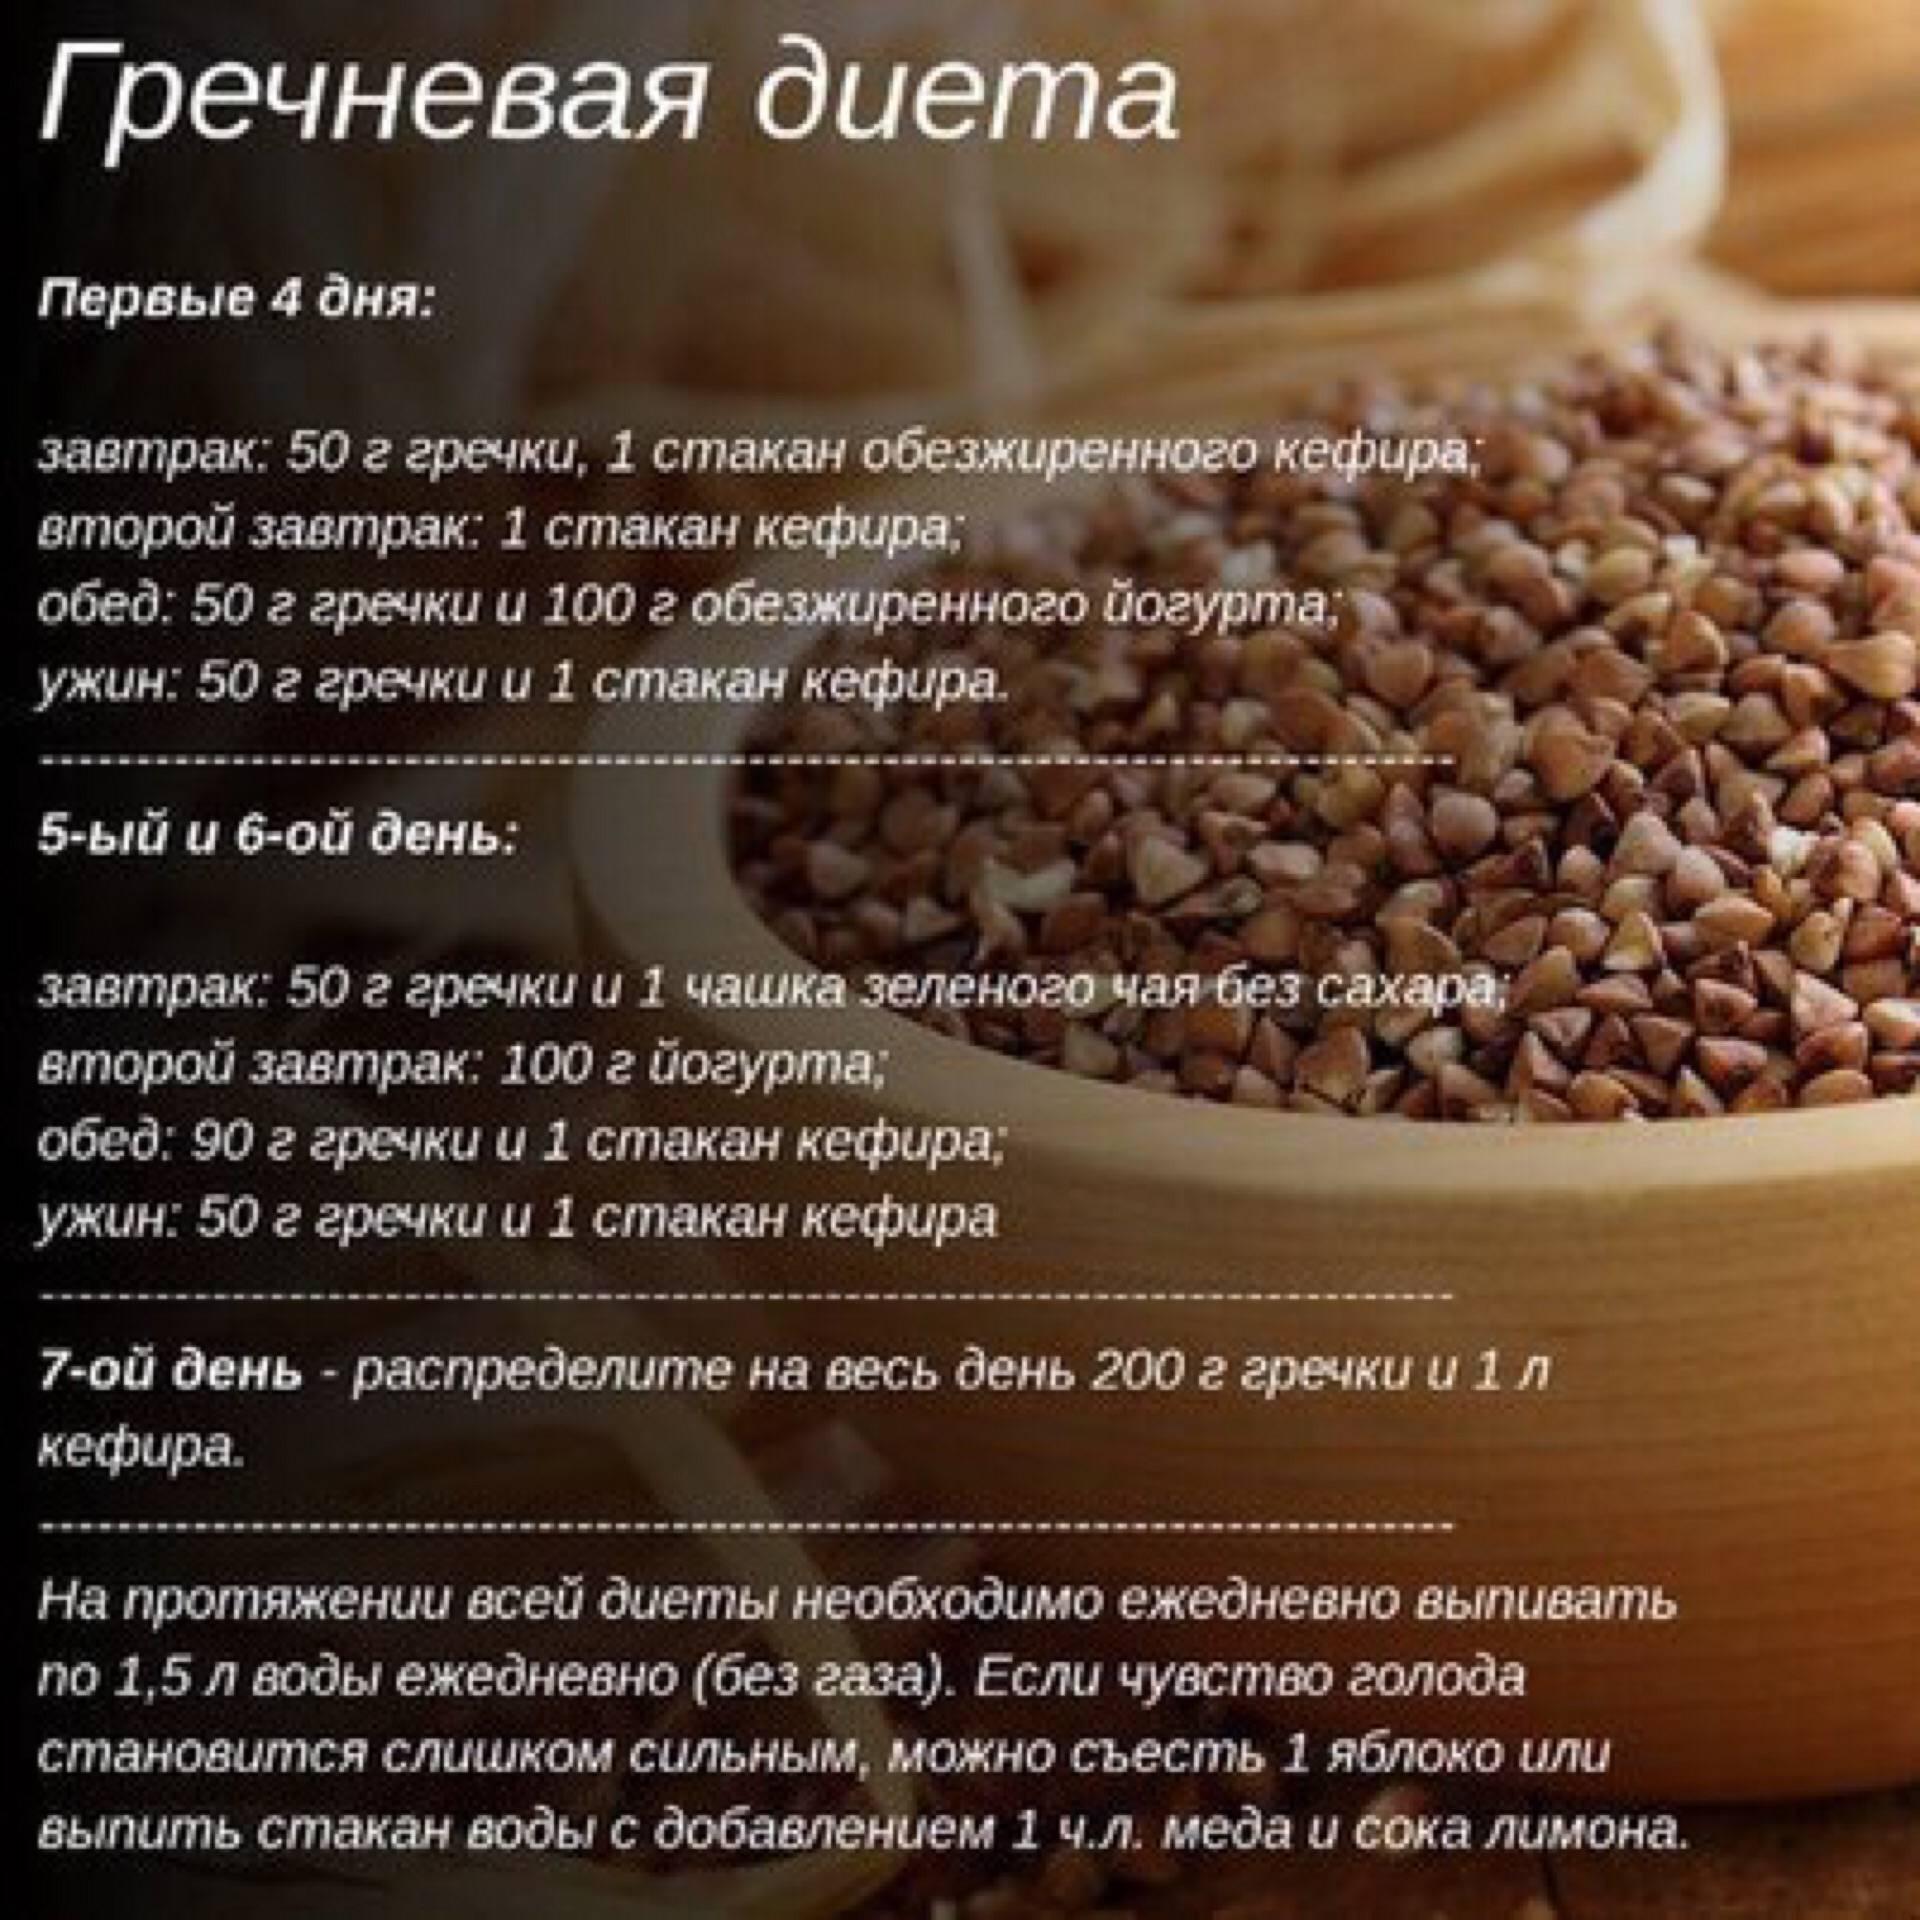 Как принимать кефир для похудения - рецепты